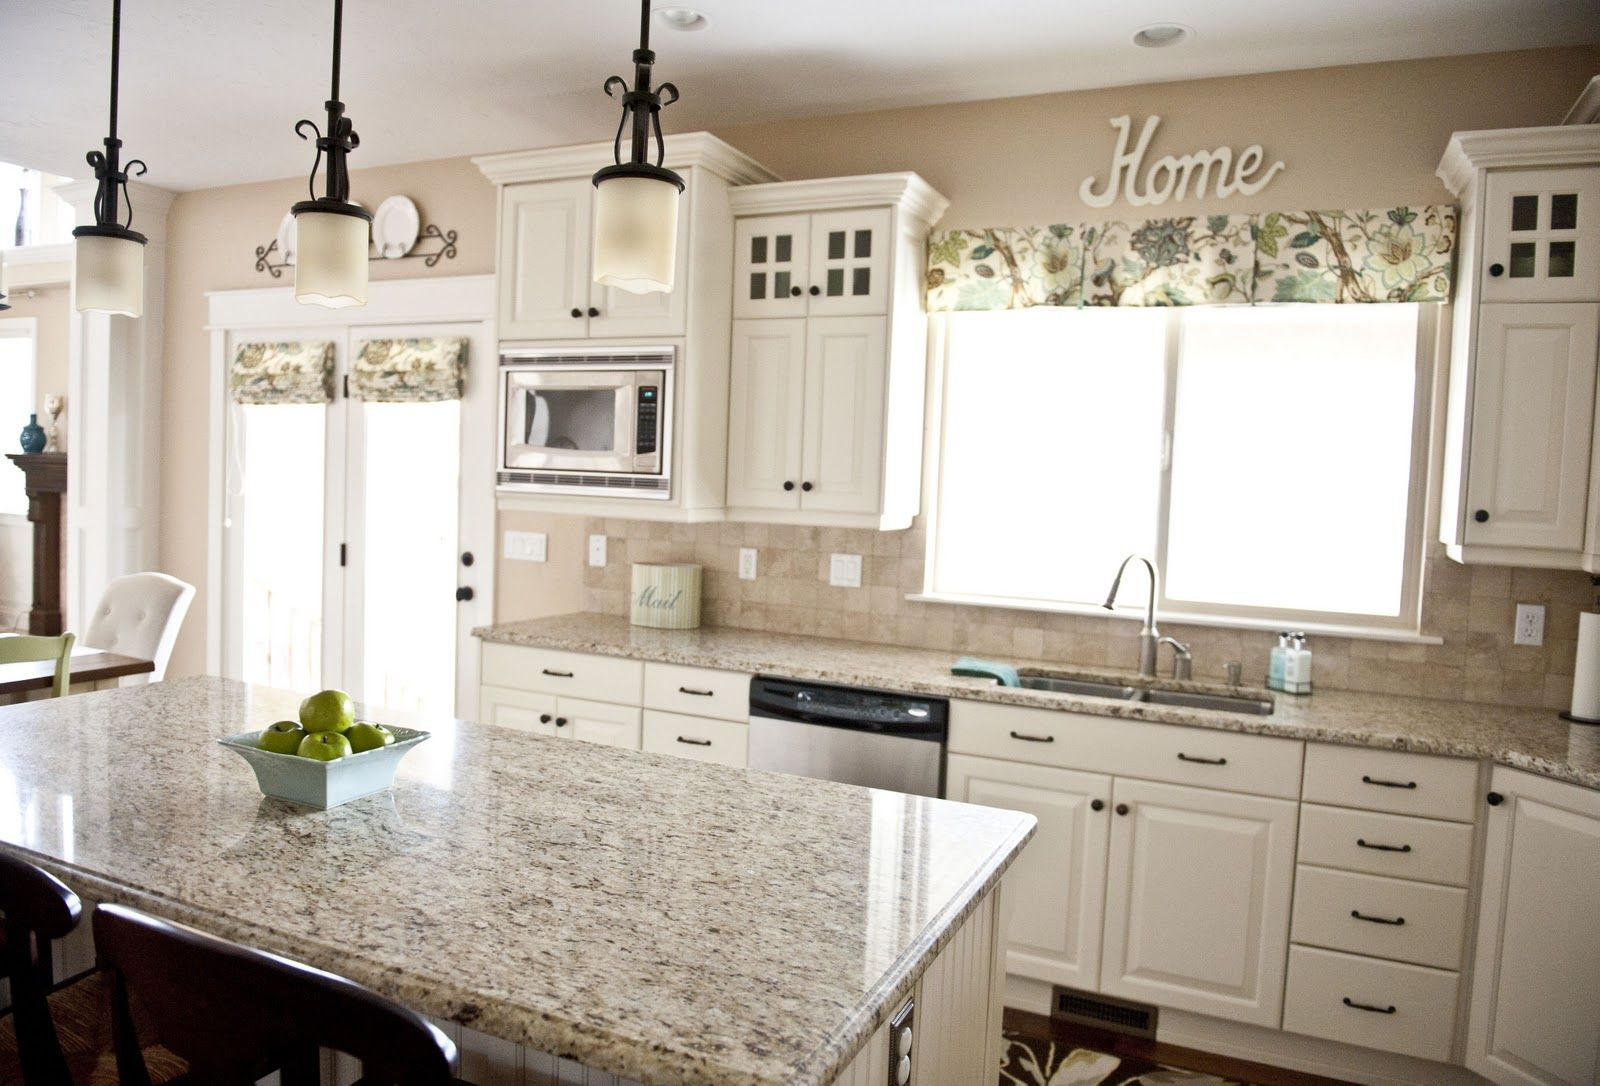 Sita Montgomery Interiors My Home Tour Kitchen Kitchen Plans Kitchen Remodel Kitchen Cabinets Decor